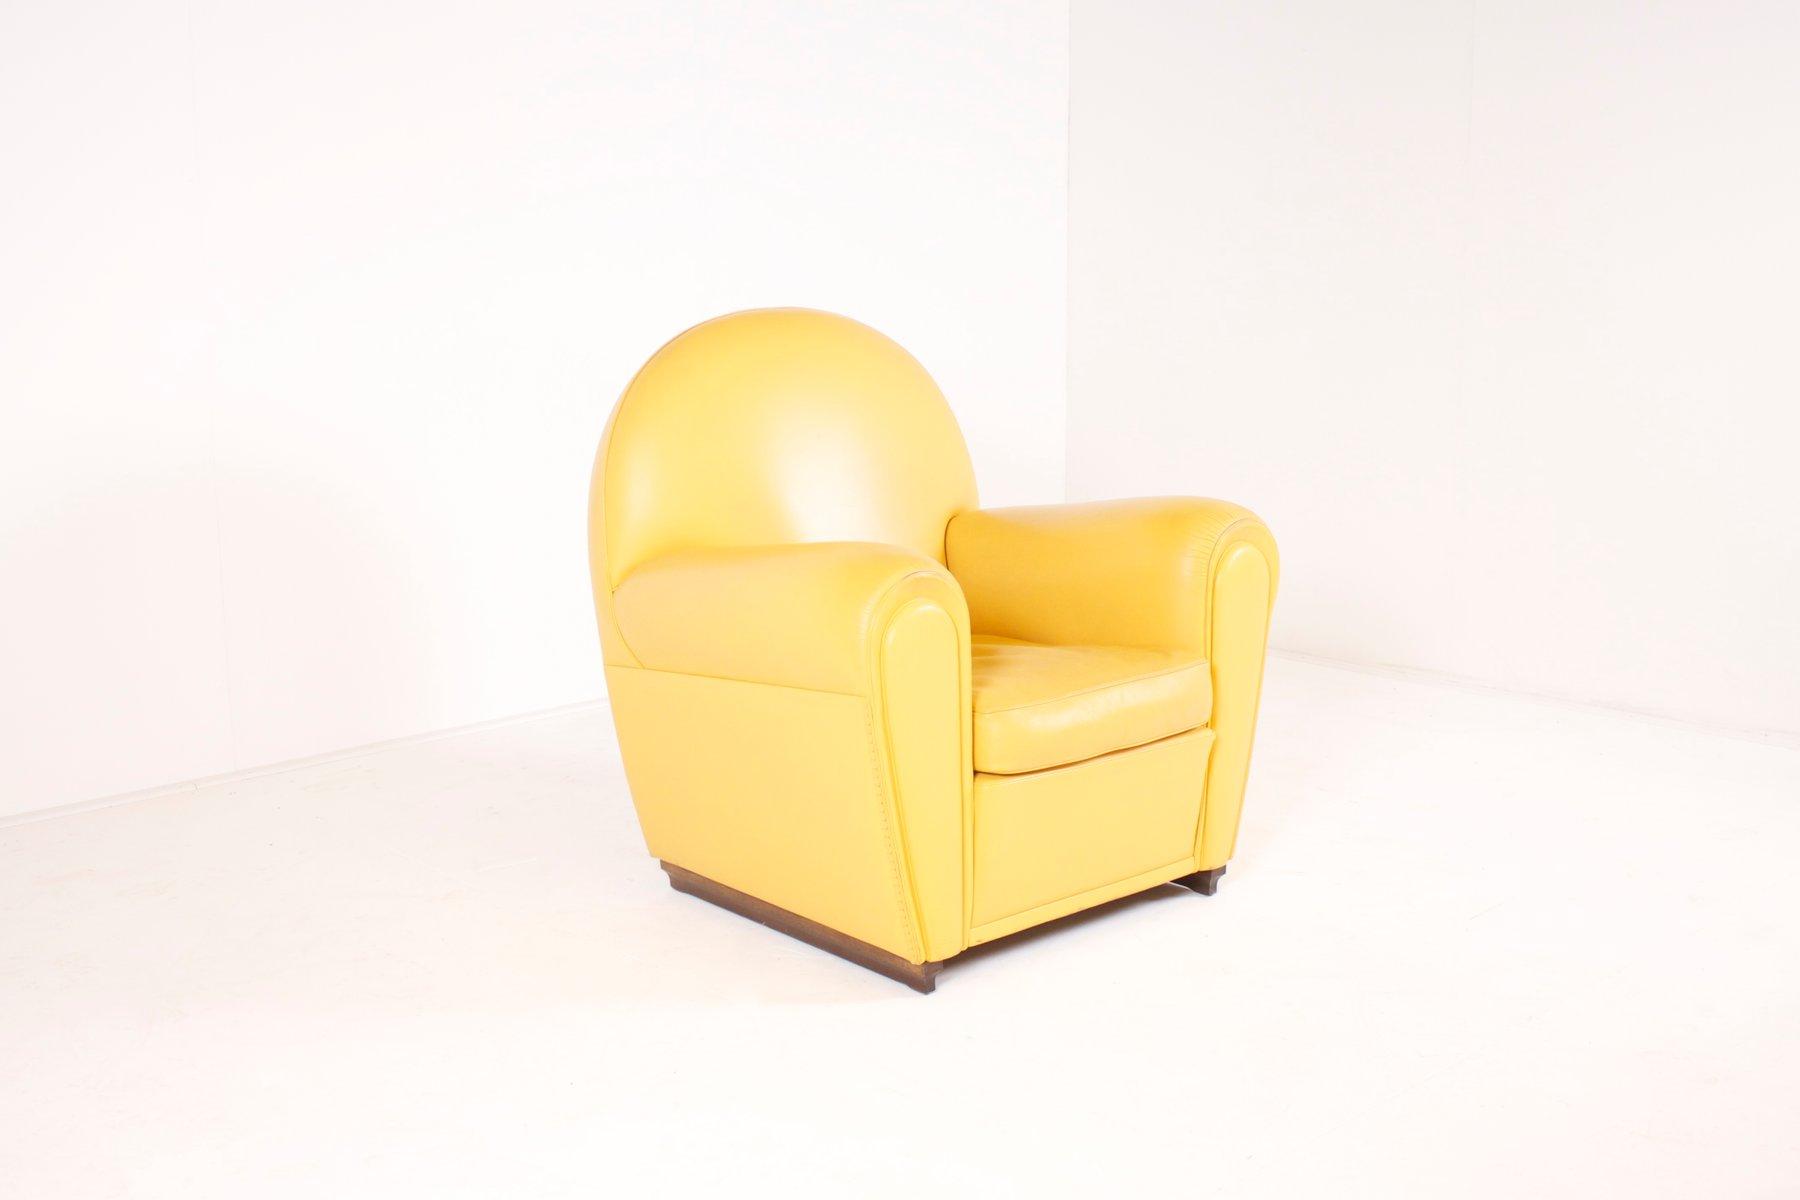 Italian Vanity Fair Armchair By Renzo Frau For Poltrona Frau